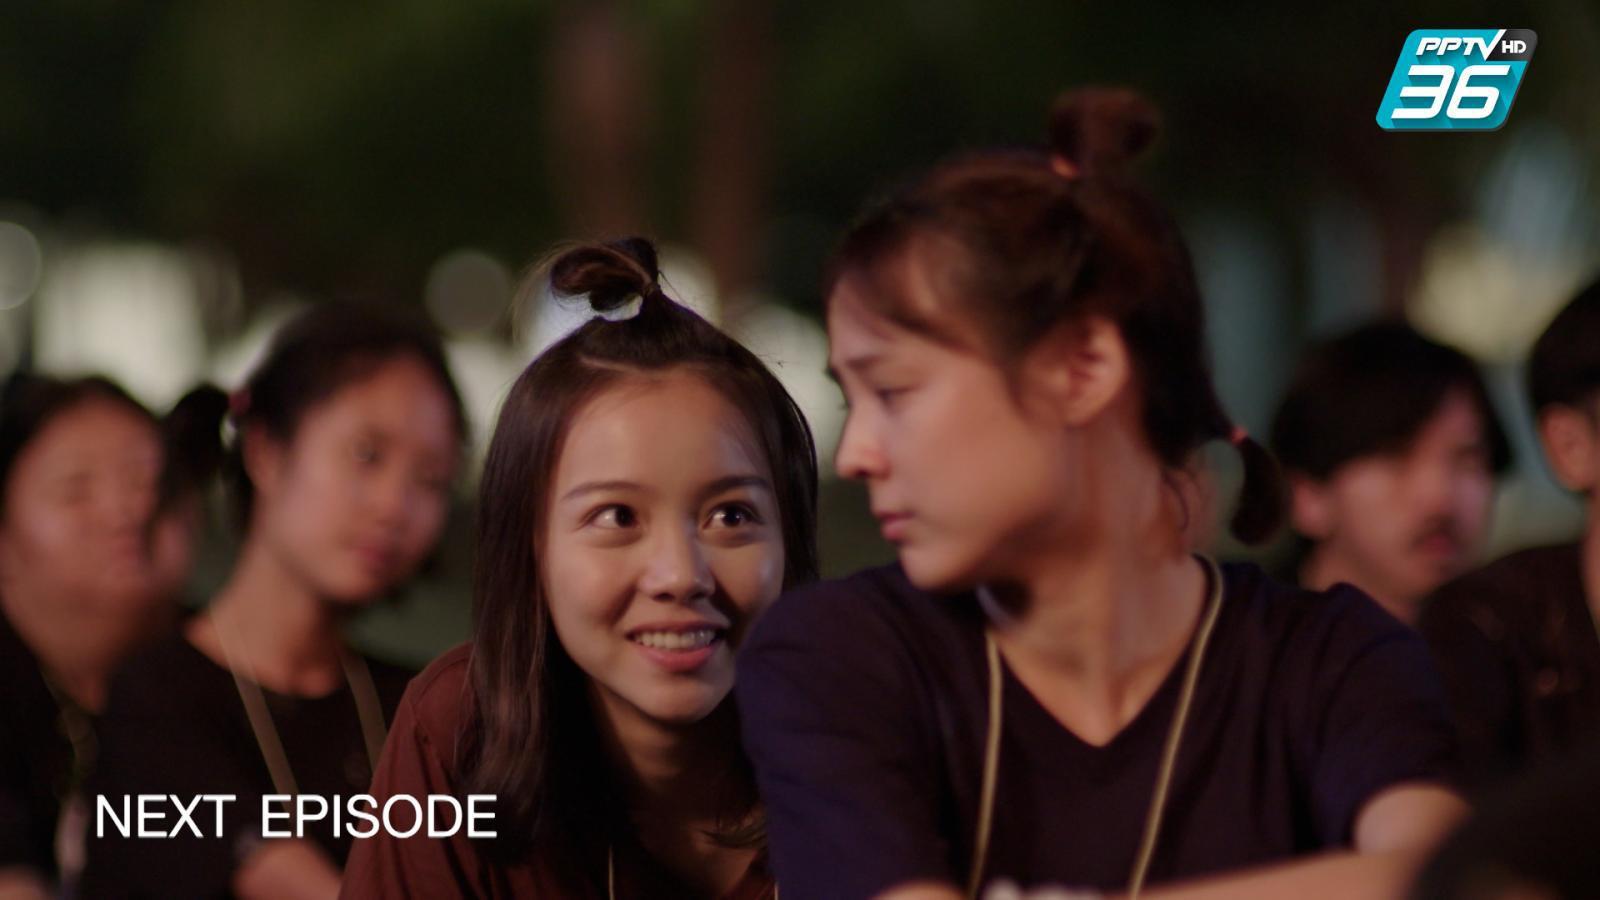 กาลครั้งหนึ่ง รักของเรา EP.13 | ฟินสุด | ตัวอย่างตอนต่อไป | PPTV HD 36